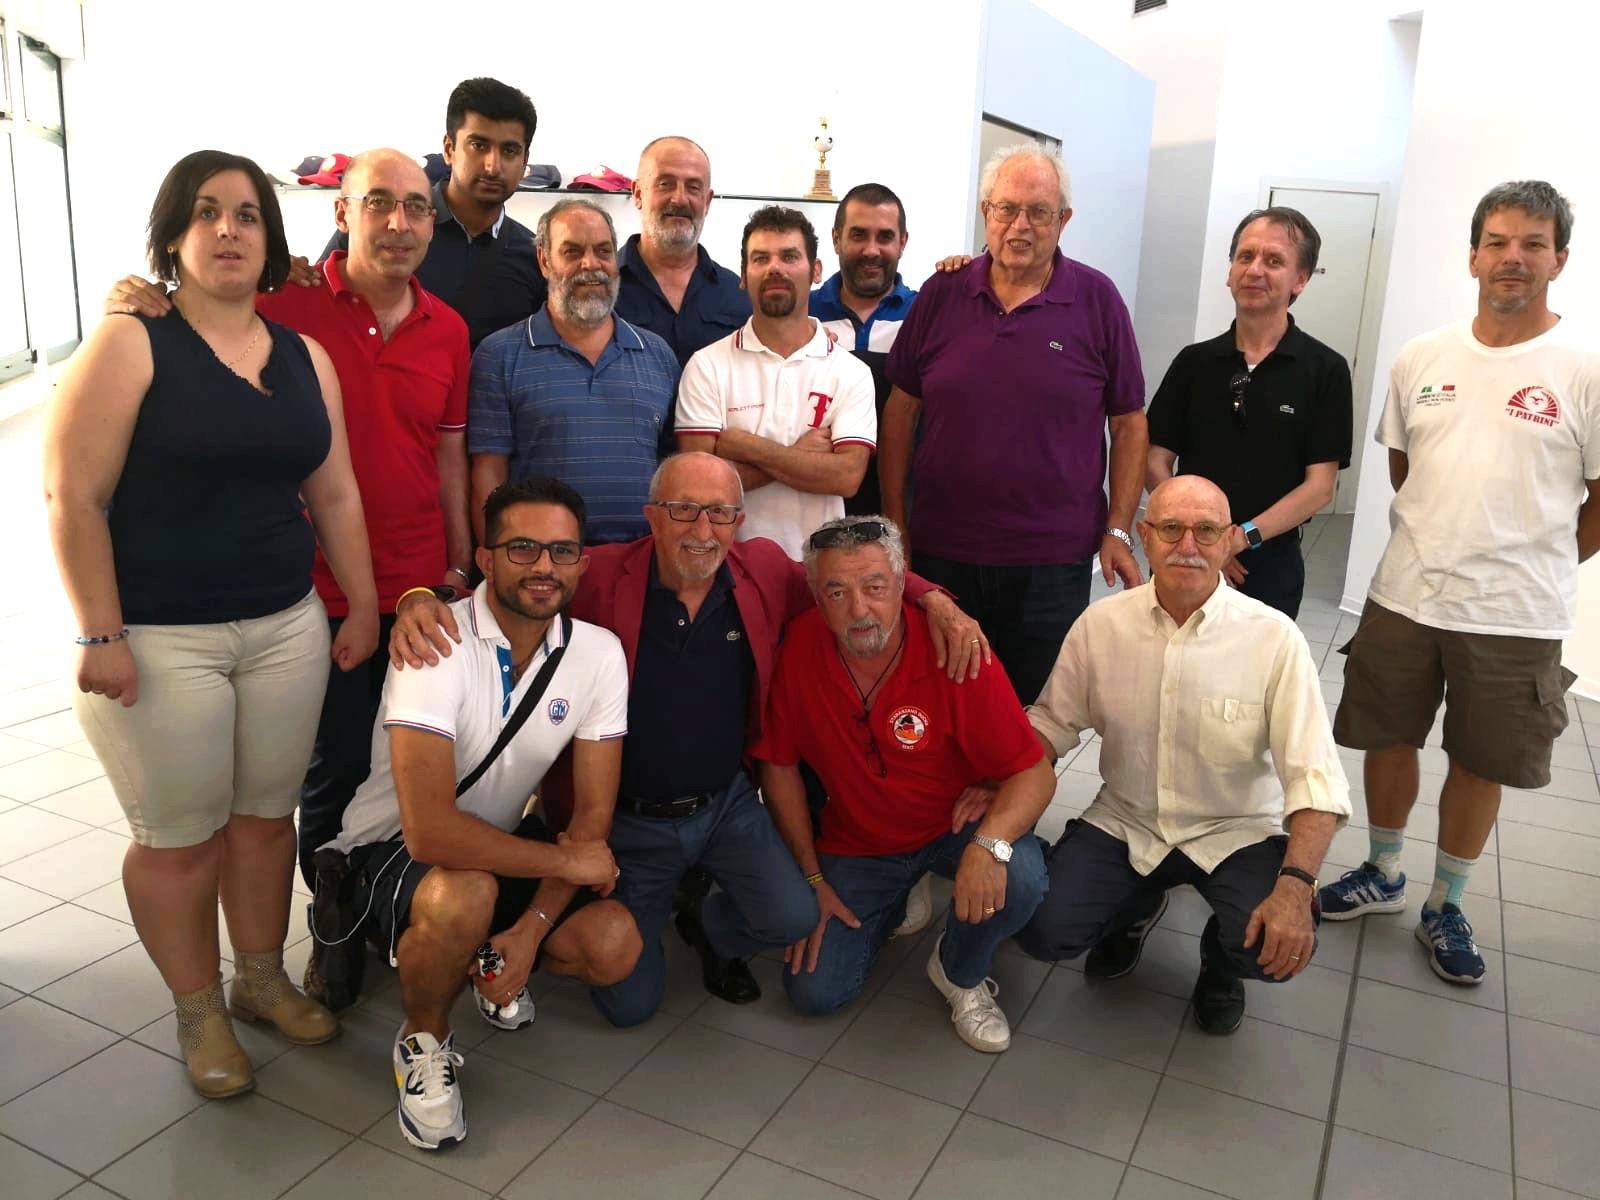 Nella foto gli 11 rappresentanti delle squadre con il presidente Alberto Mazzanti e il segretario Stefano Malaguti